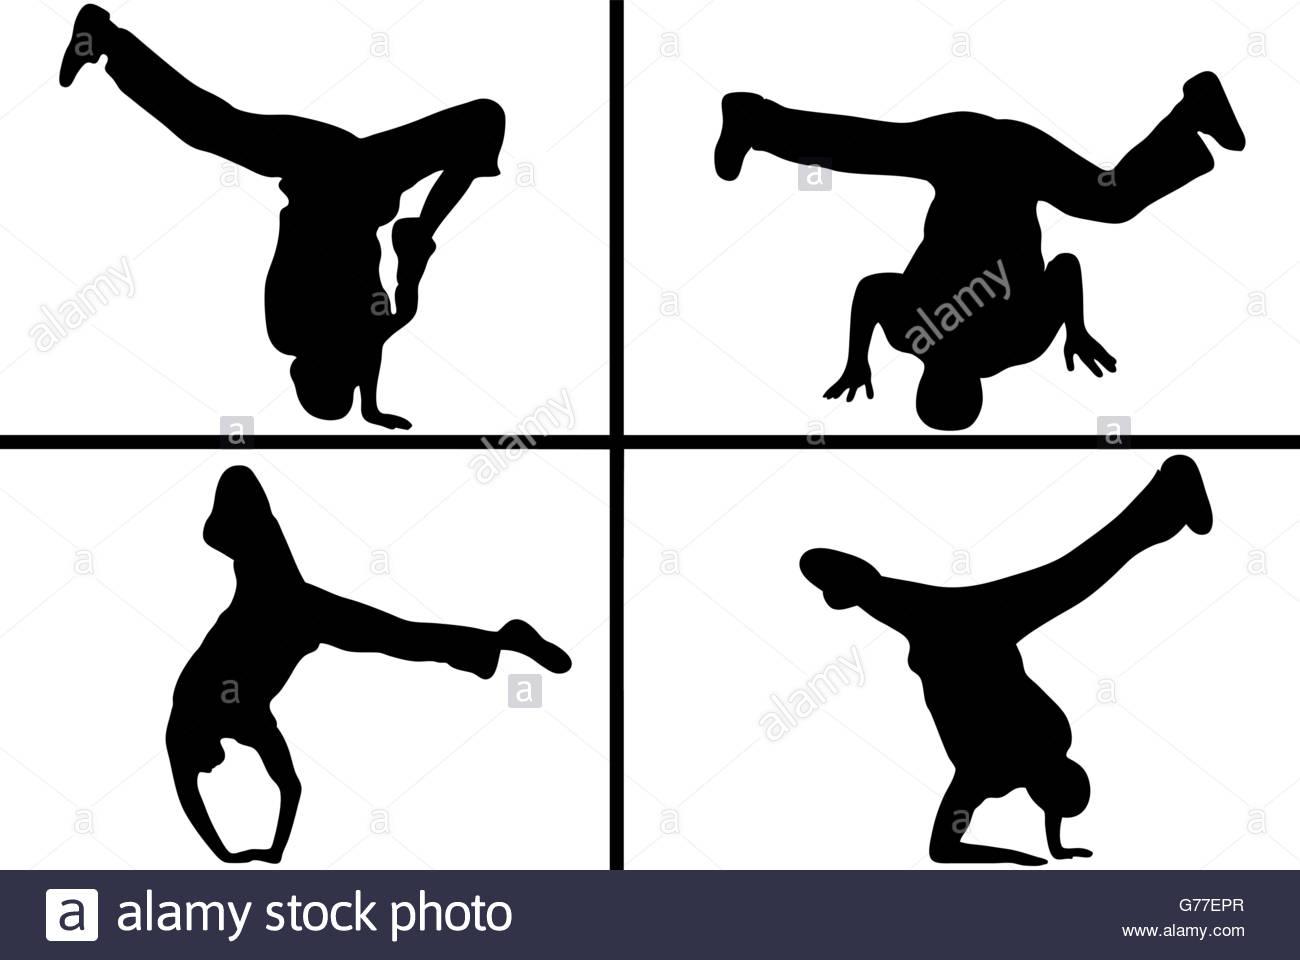 1300x960 Street Dancer Silhouette Stock Vector Art Amp Illustration, Vector